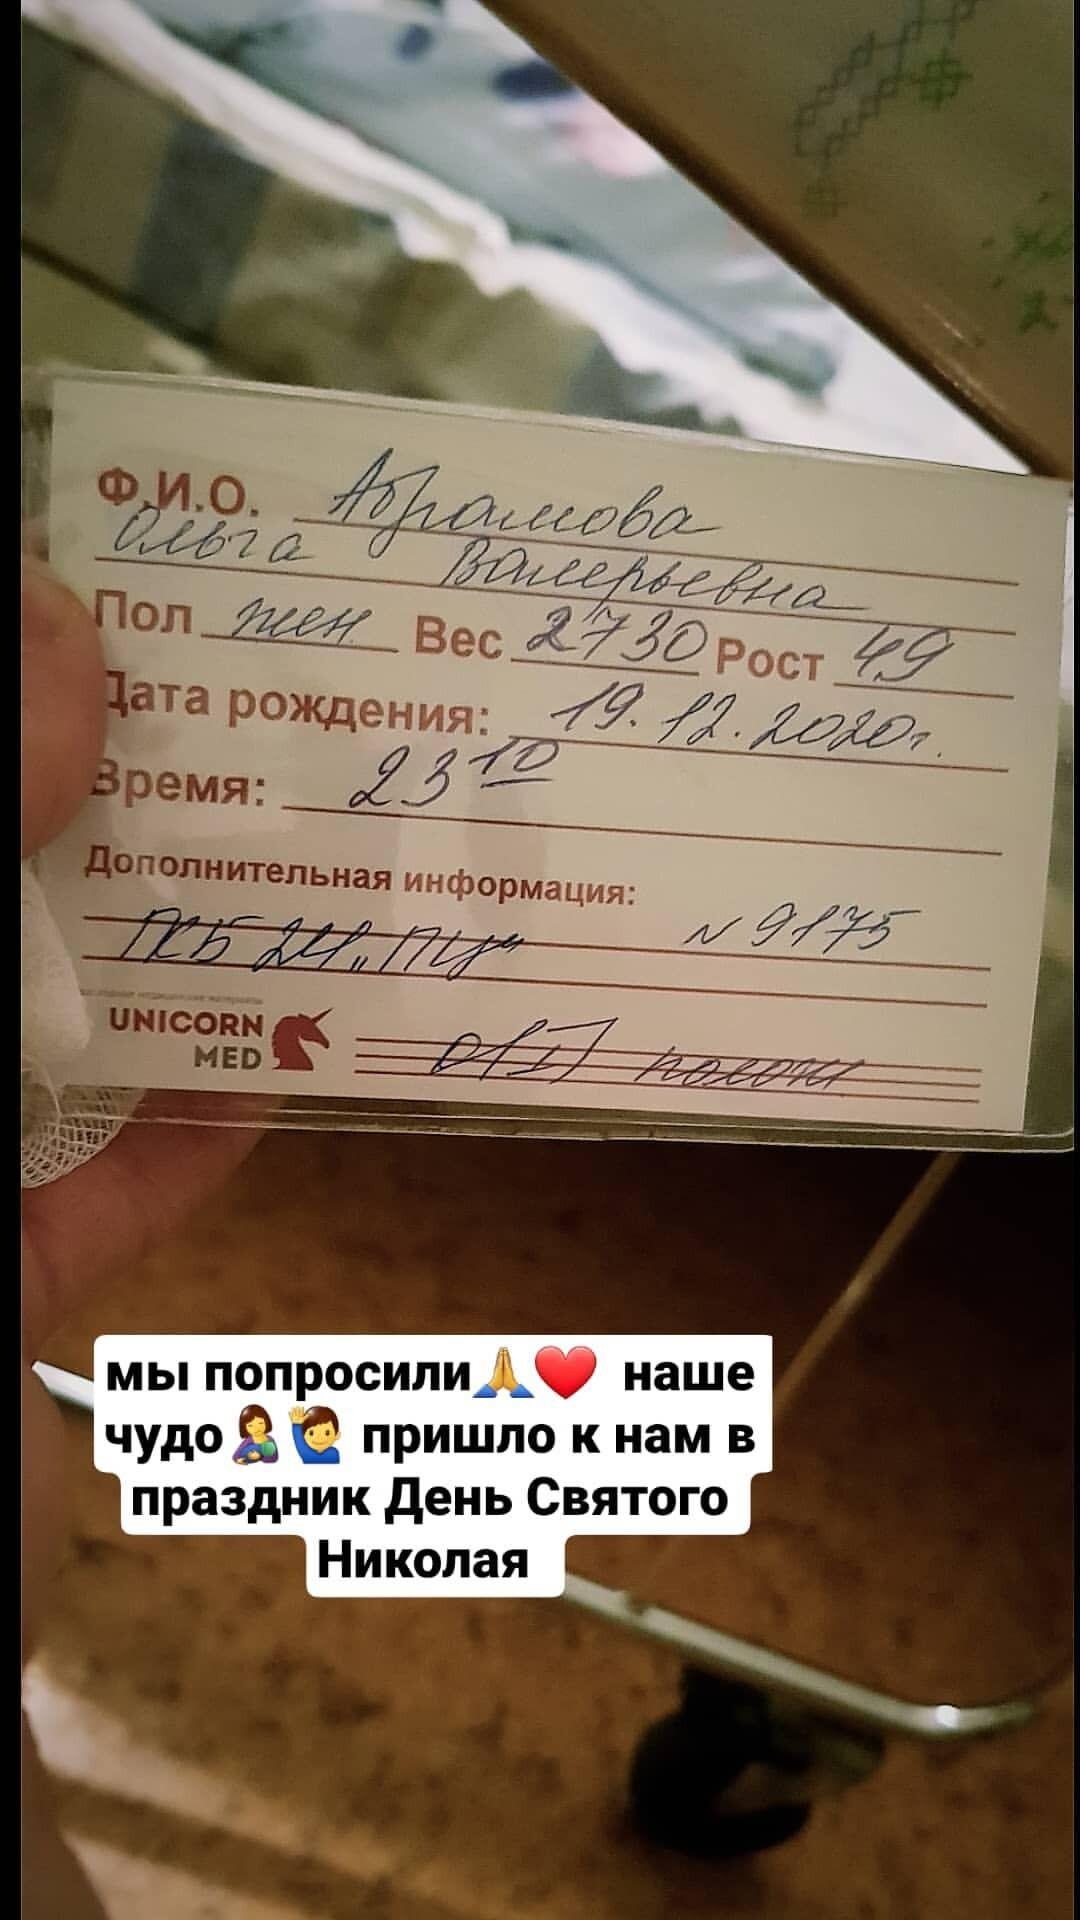 Ольга Абрамова народила дівчинку